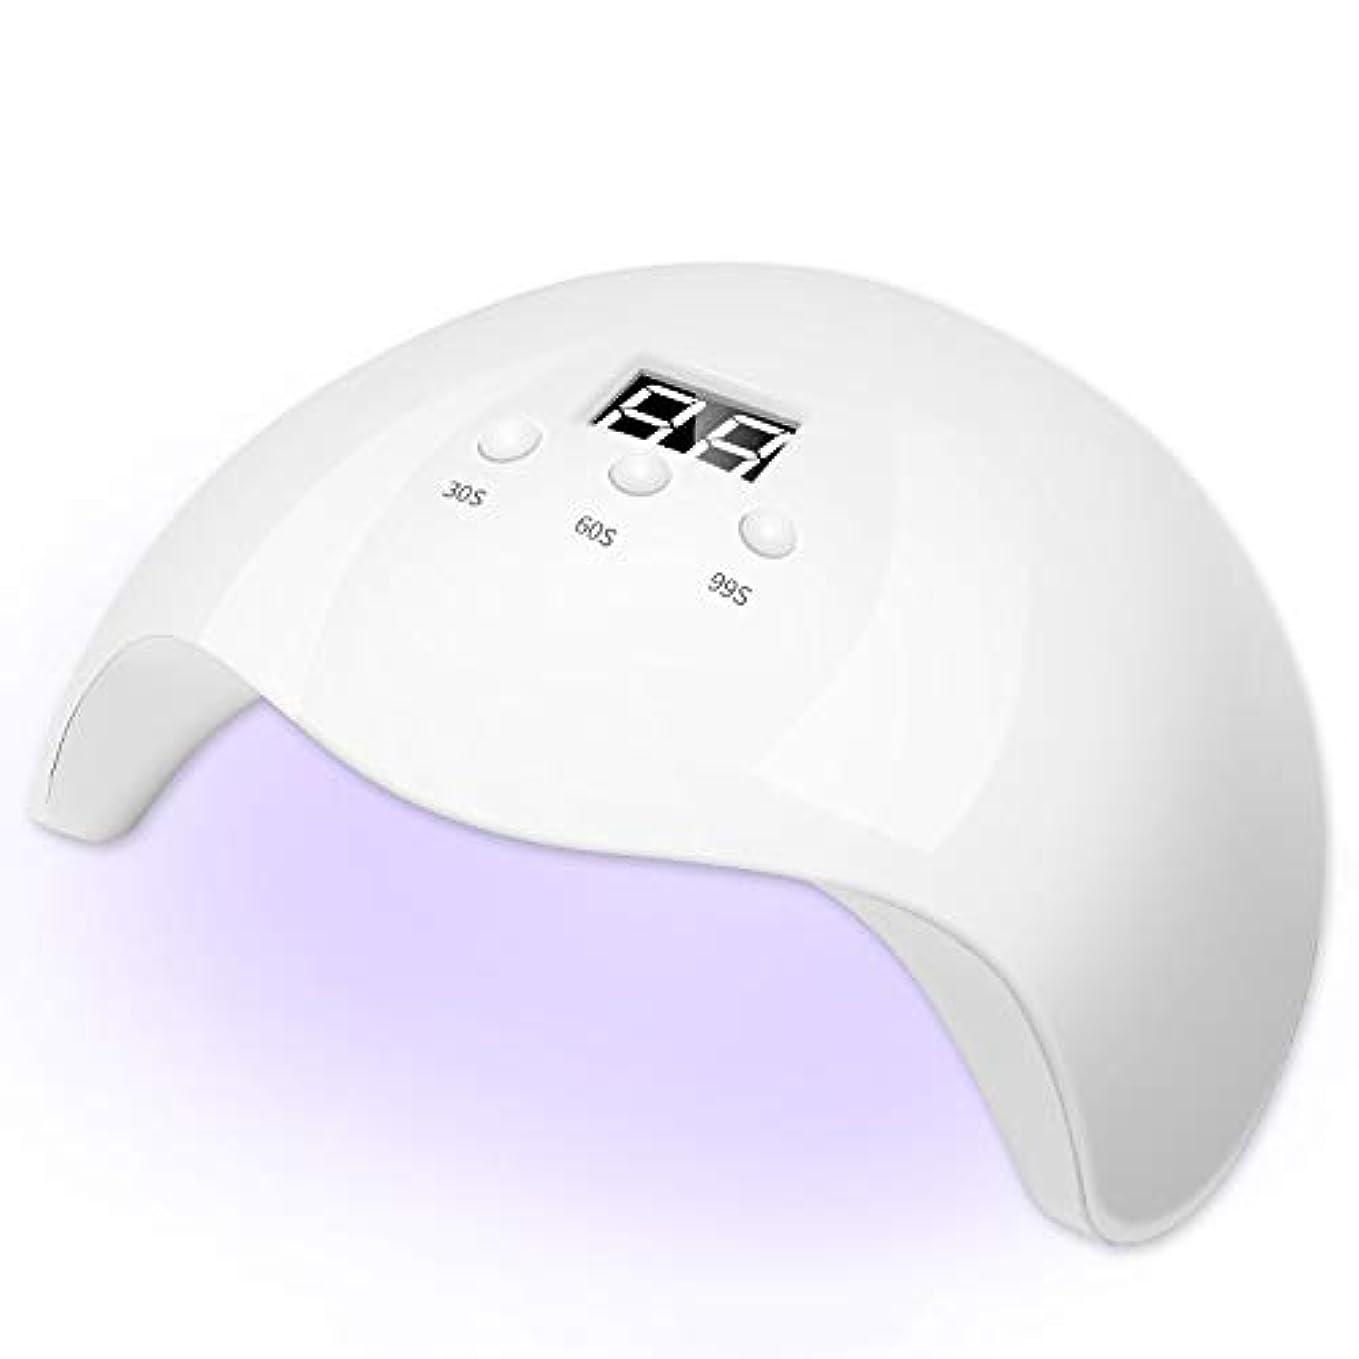 一時解雇する主婦繁栄するゲルネイルポリッシュと足の爪の硬化と自動センサーのための36W UV LEDネイルドライヤー速硬化ランプ